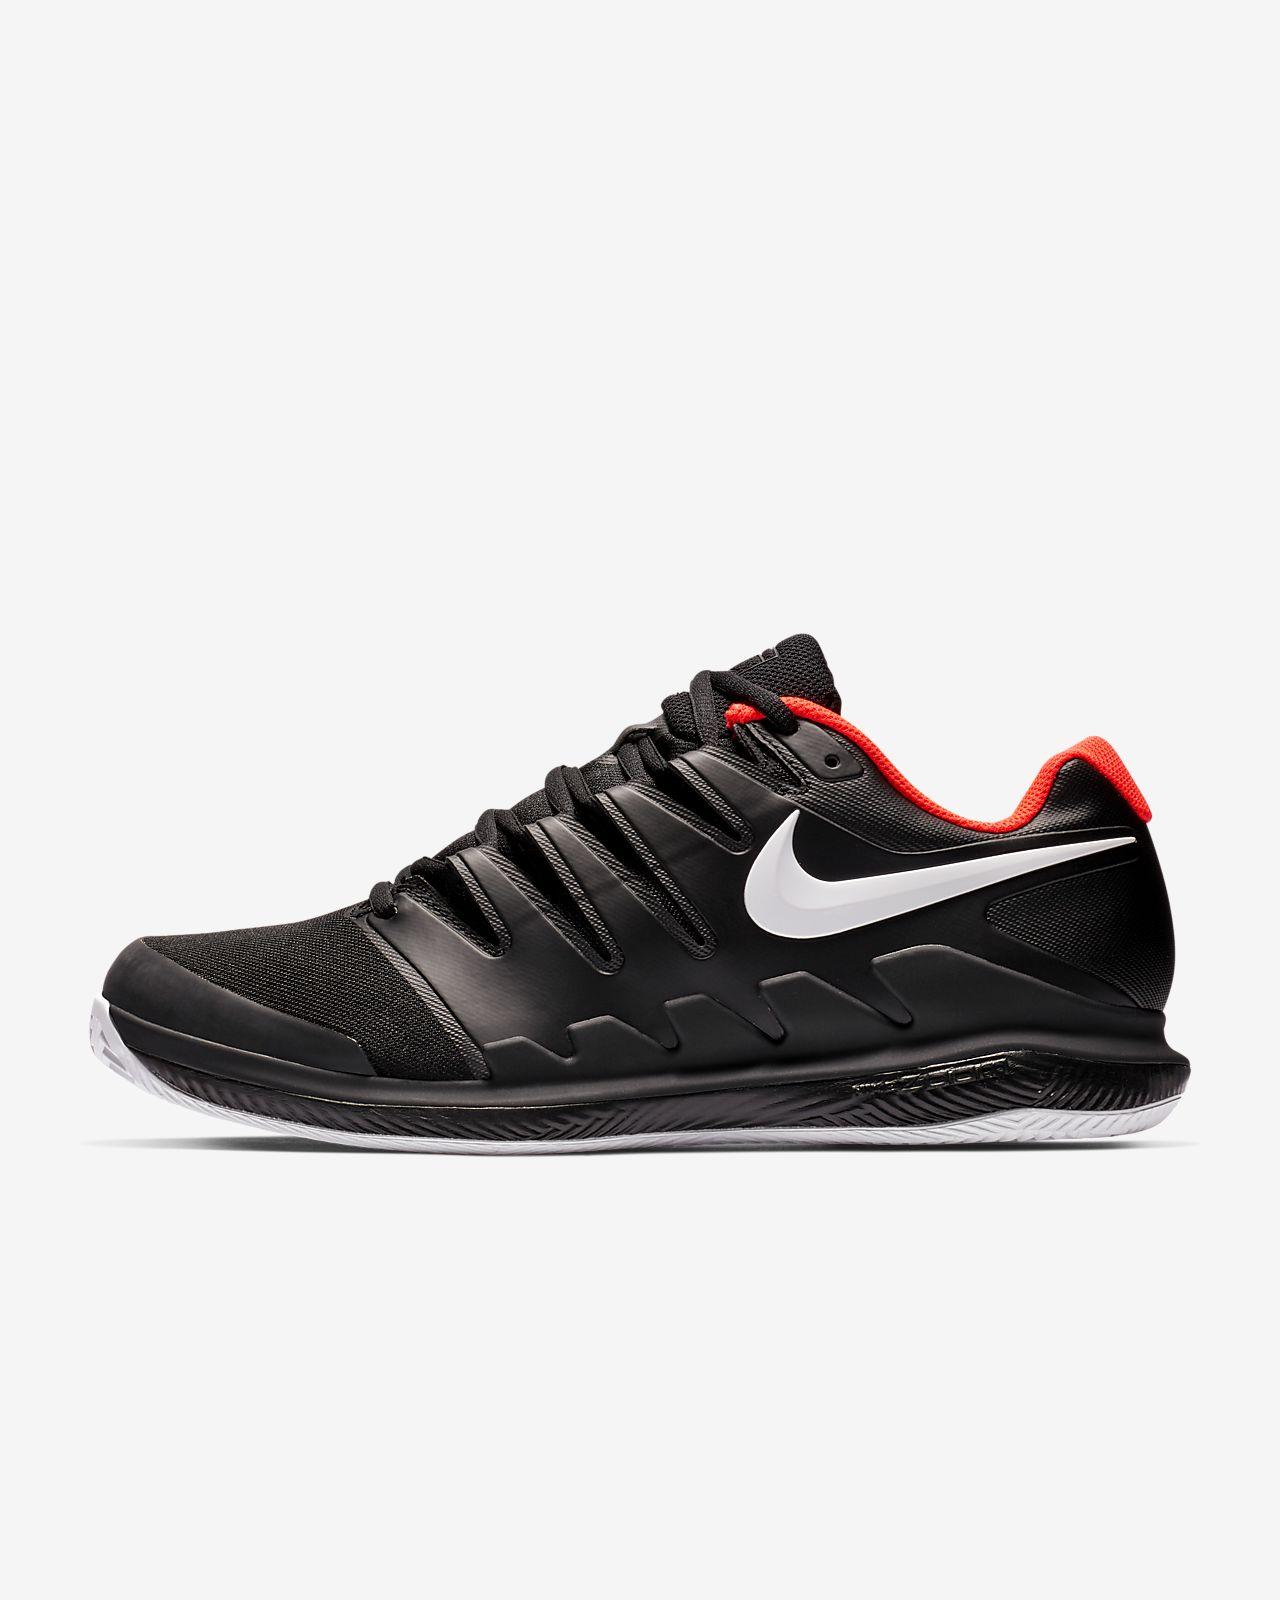 premium selection 57a68 6bf3a ... Calzado de tenis para hombre Nike Air Zoom Vapor X Clay